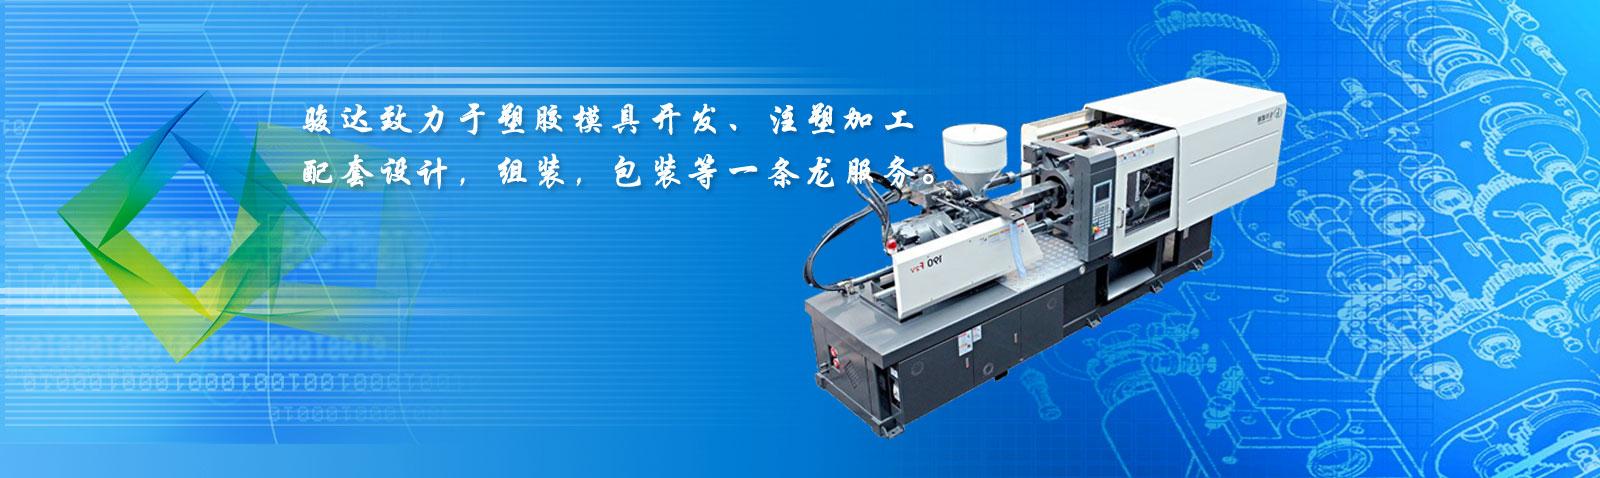 江门塑料厂注塑加工